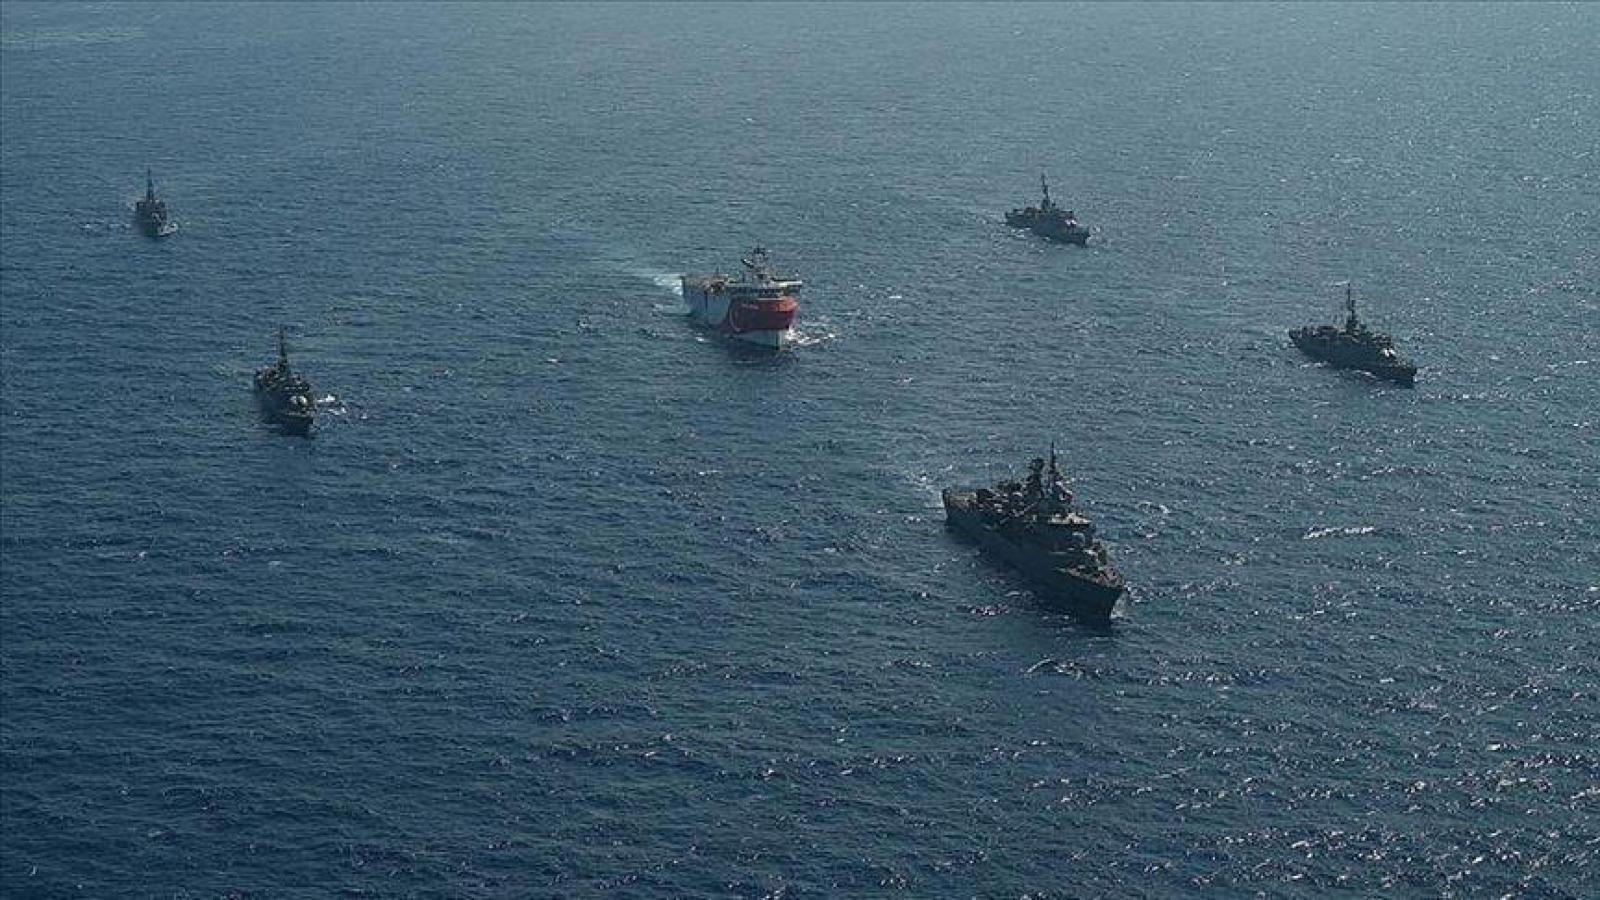 Hy Lạp và Thổ Nhĩ Kỳ cùng hủy bỏ các cuộc tập trận quân sự